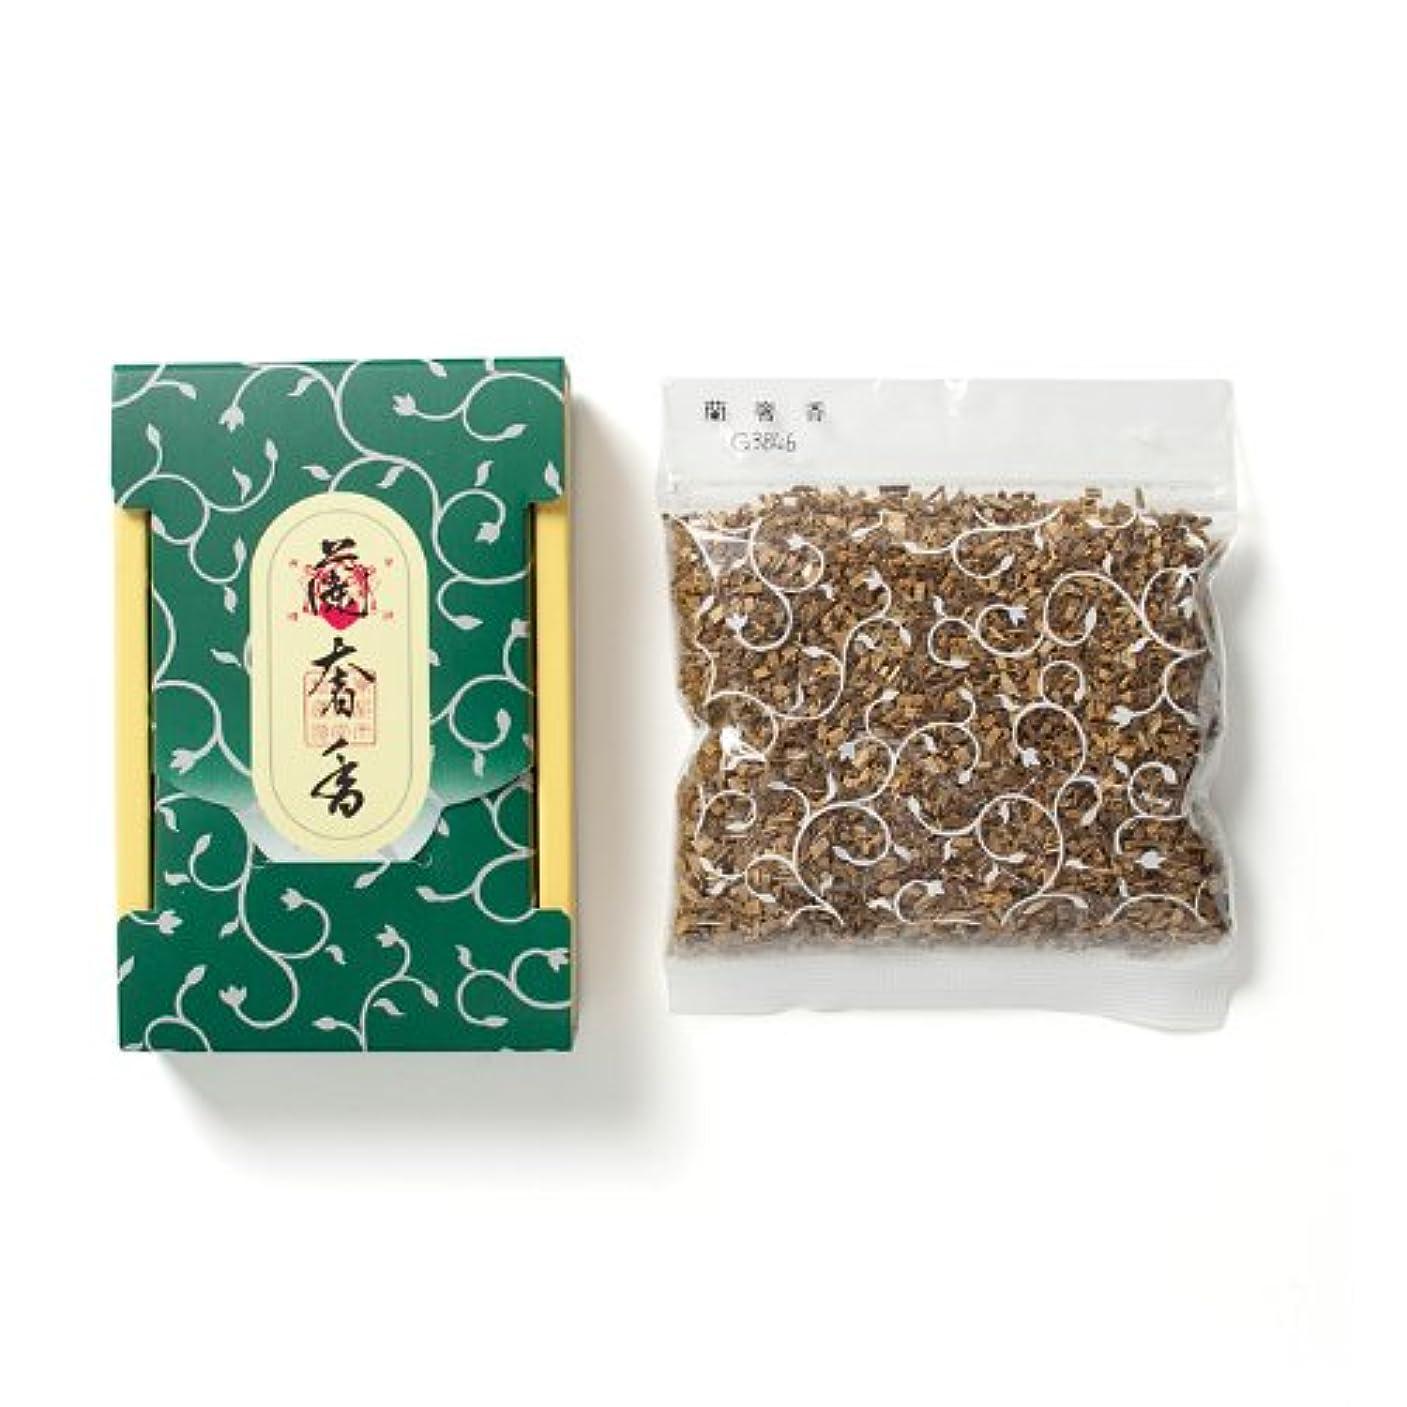 直感さびた分散松栄堂のお焼香 蘭奢香 25g詰 小箱入 #410741